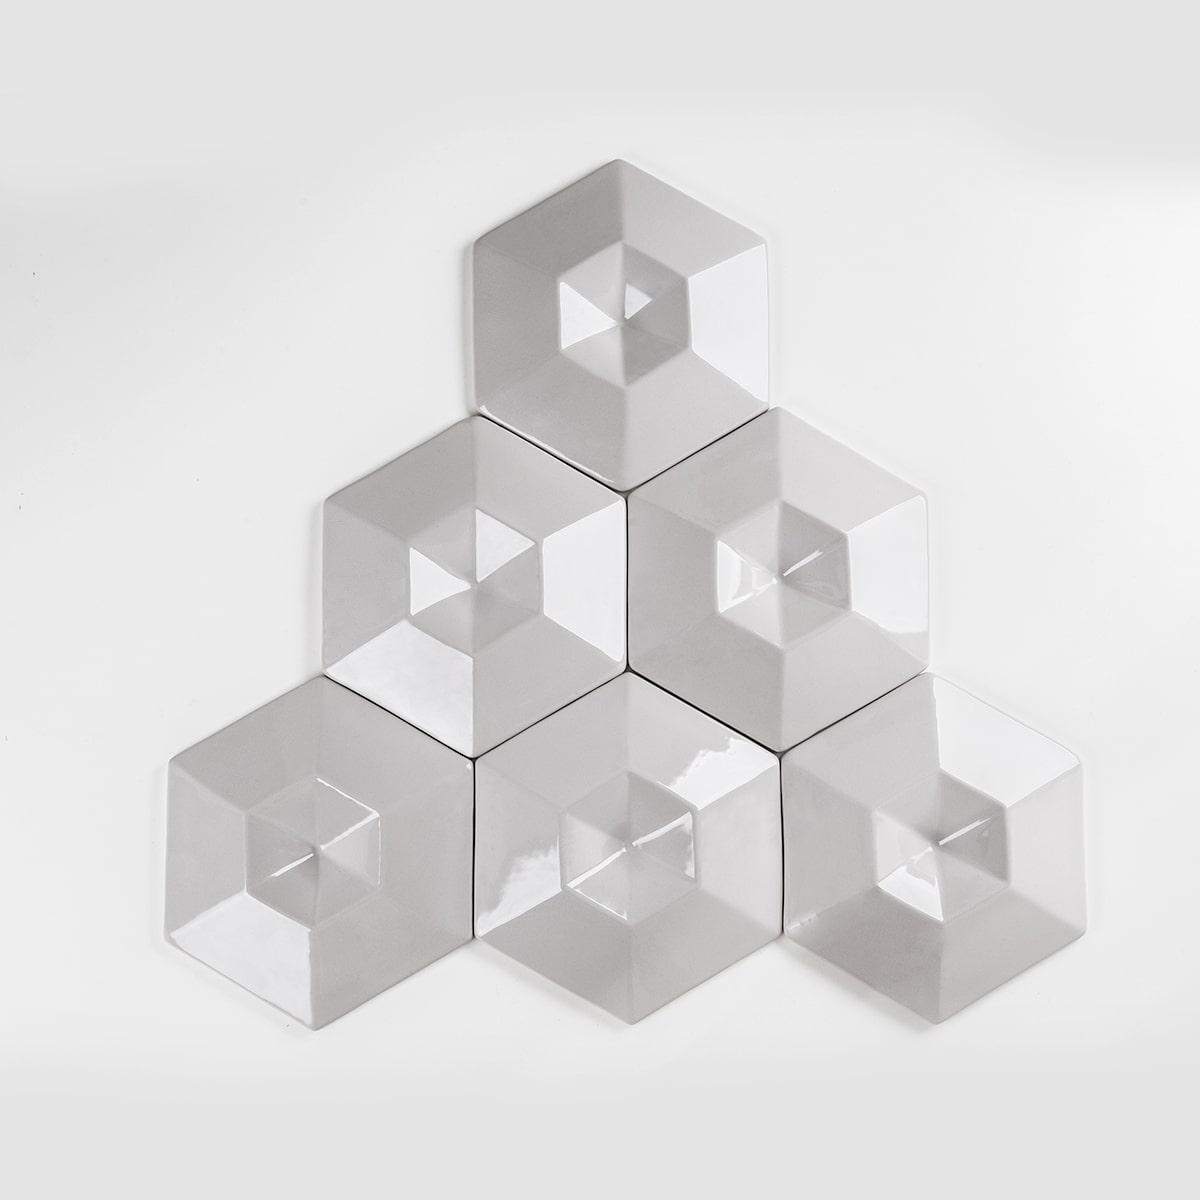 Cristal Alto Relevo - Revestimento Cerâmico - (Caixa com 0,50m)